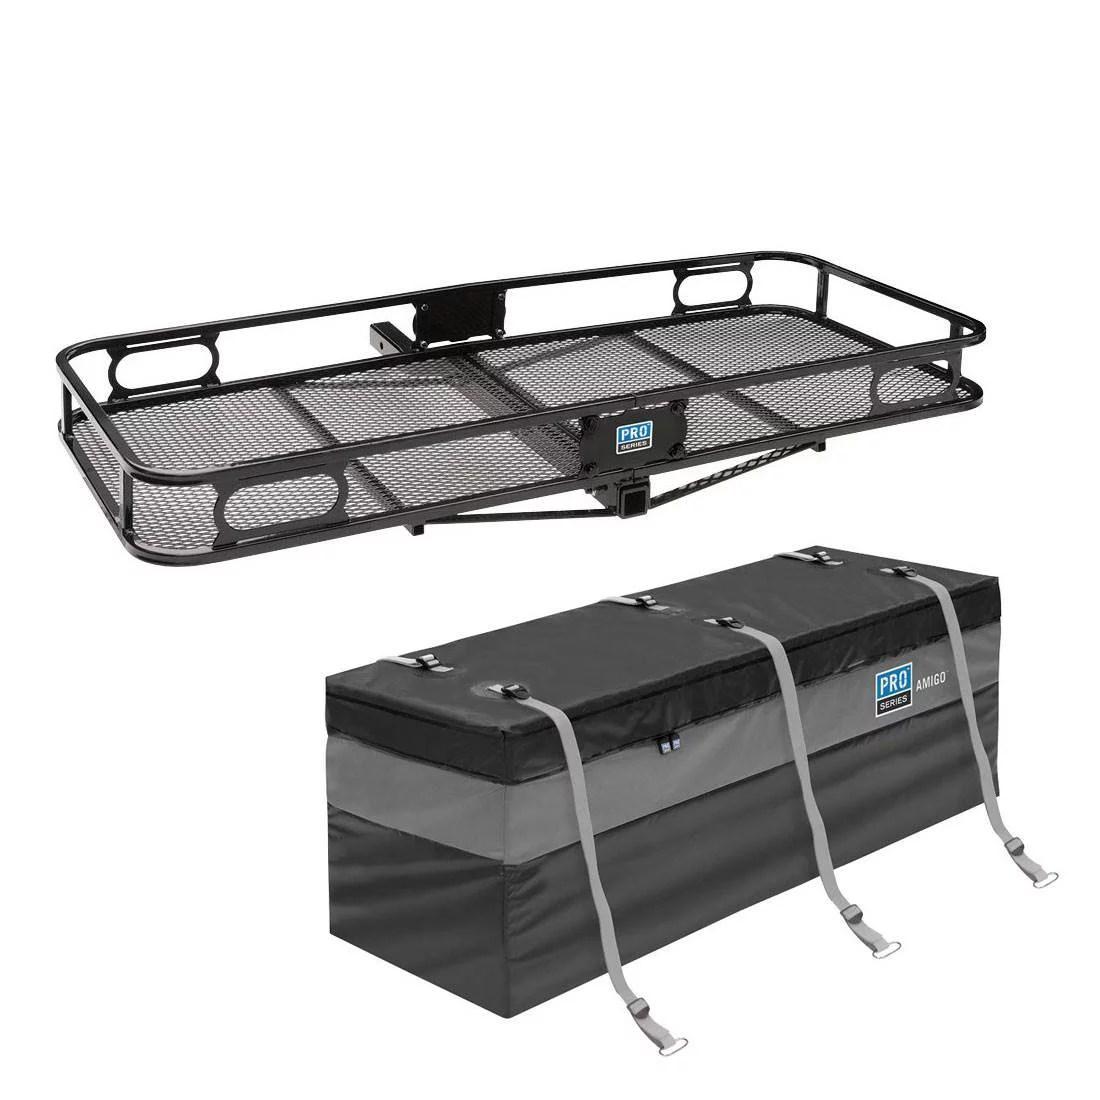 pro series rambler trailer mounted hitch cargo carrier basket storage bag